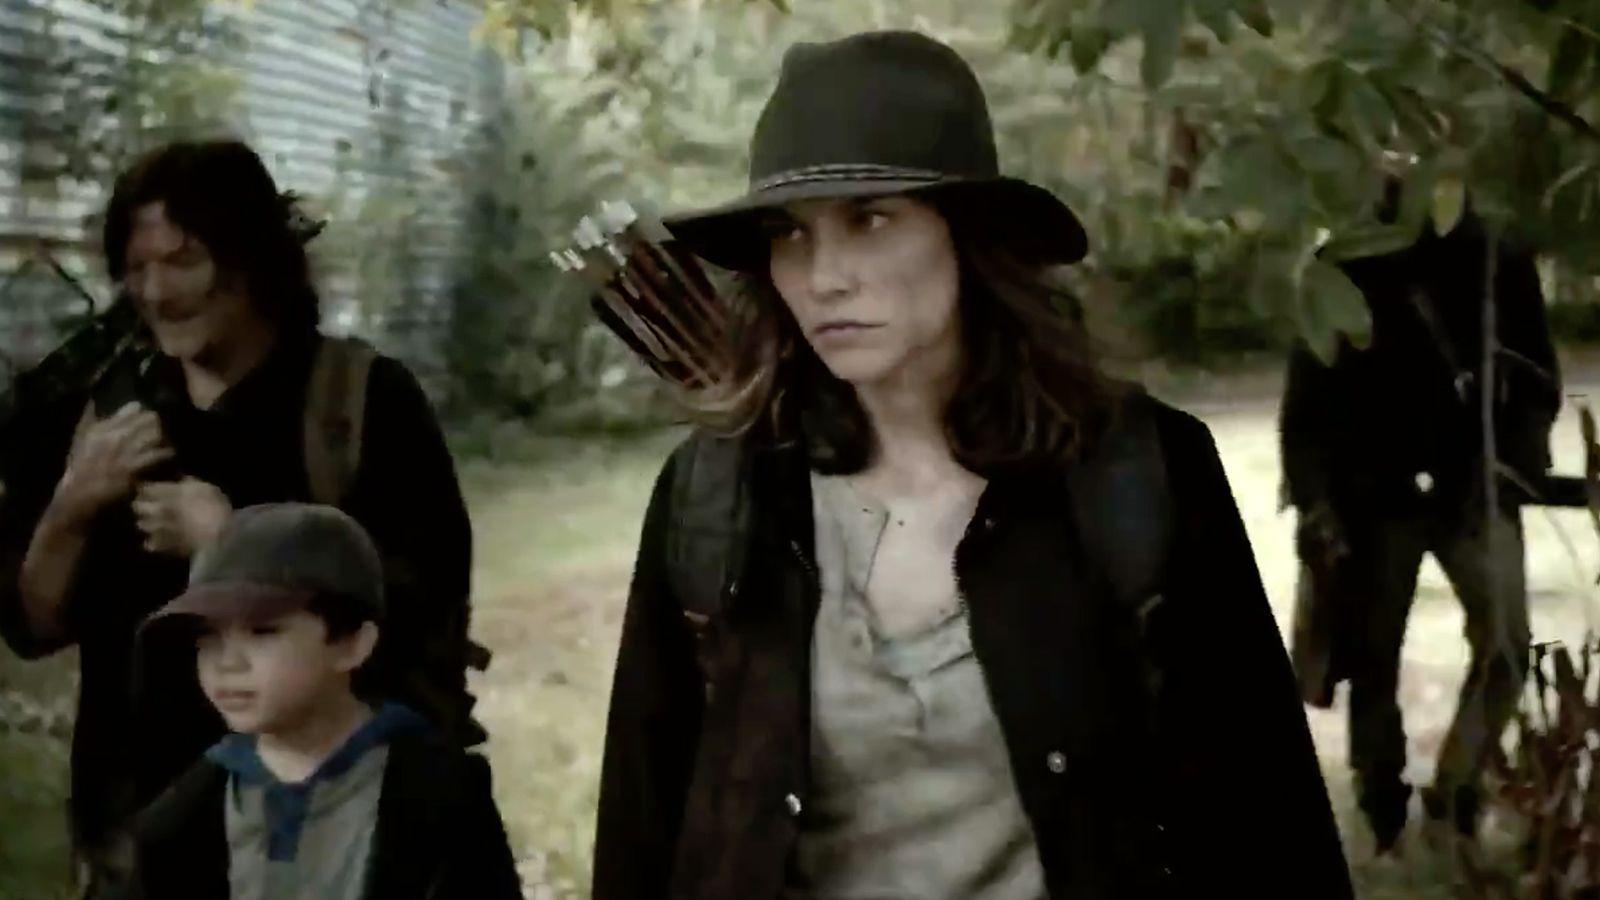 maggie semble en colère dans le dernier trailer de The Walking dead